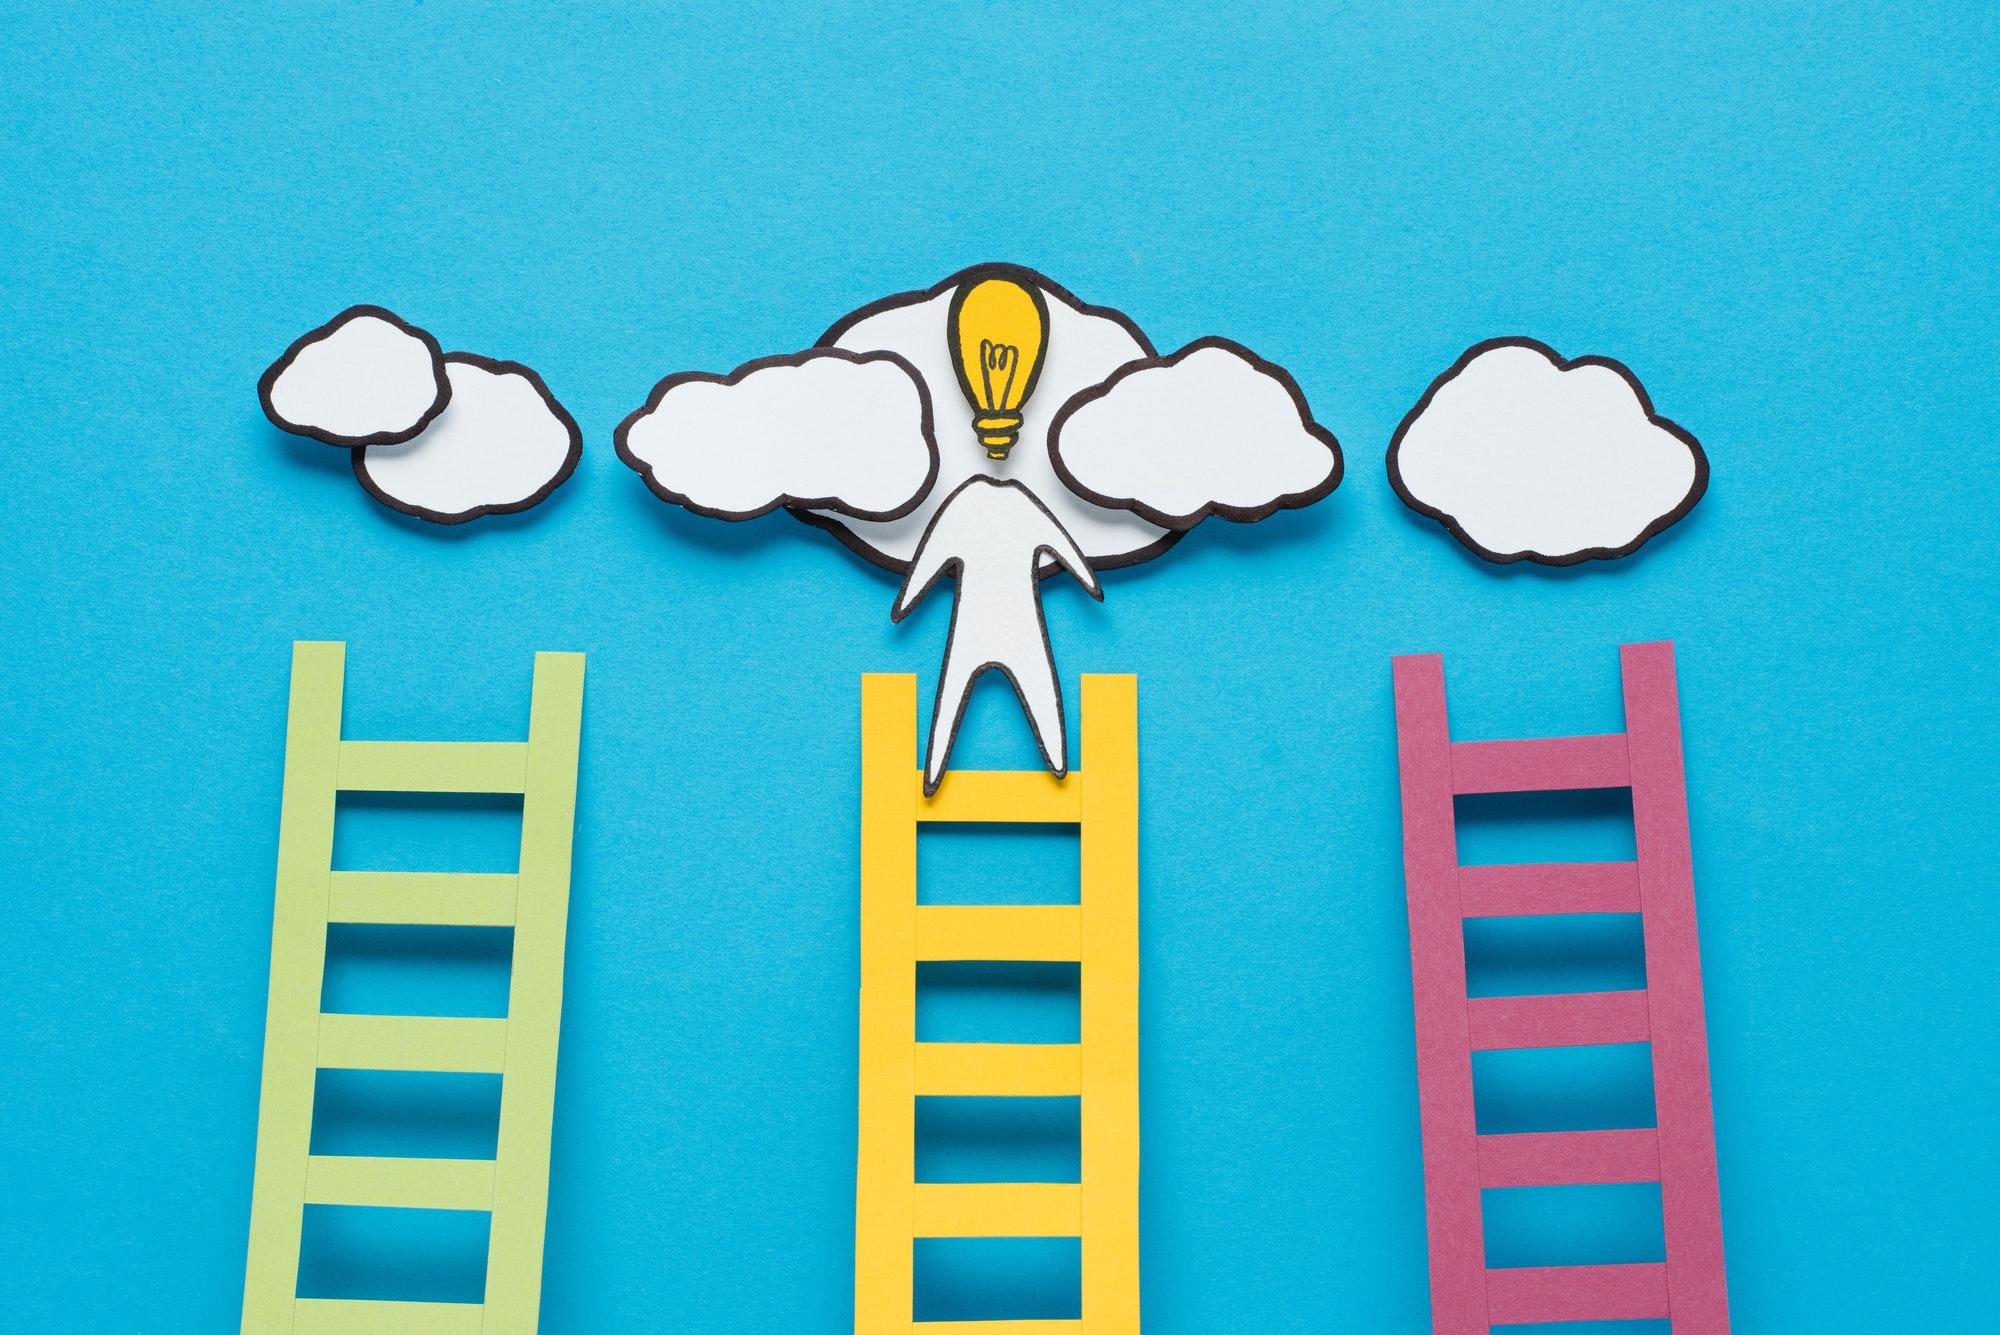 entreprises-avocat-creation-entreprise-rendez-vous-projet-agn-avocats.jpg